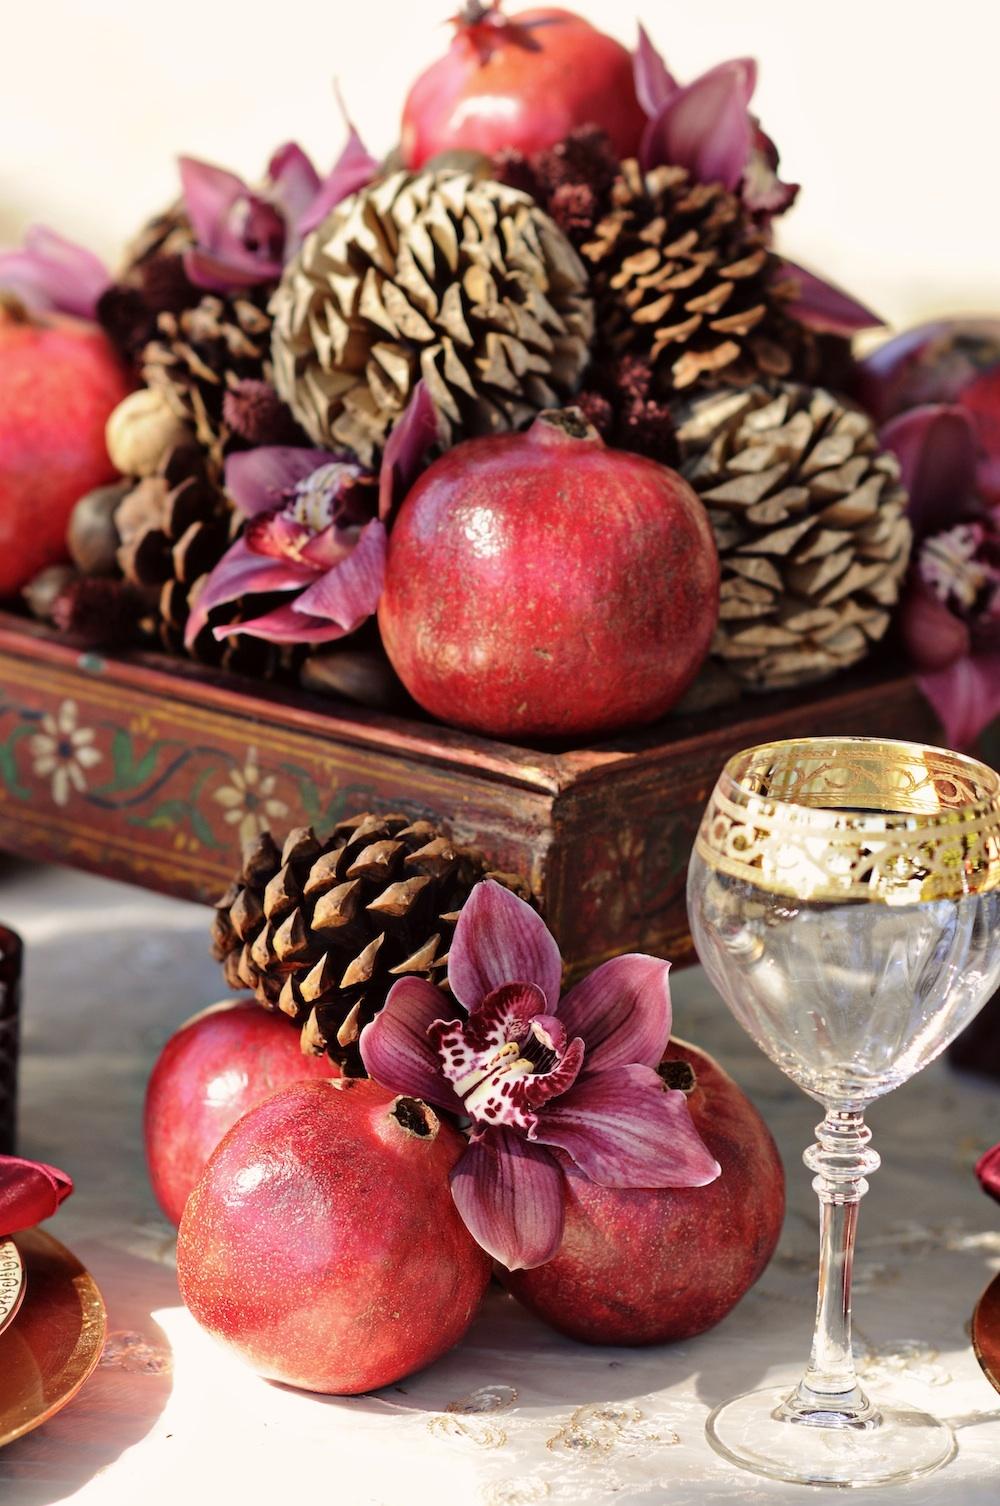 Pomegranate Delight